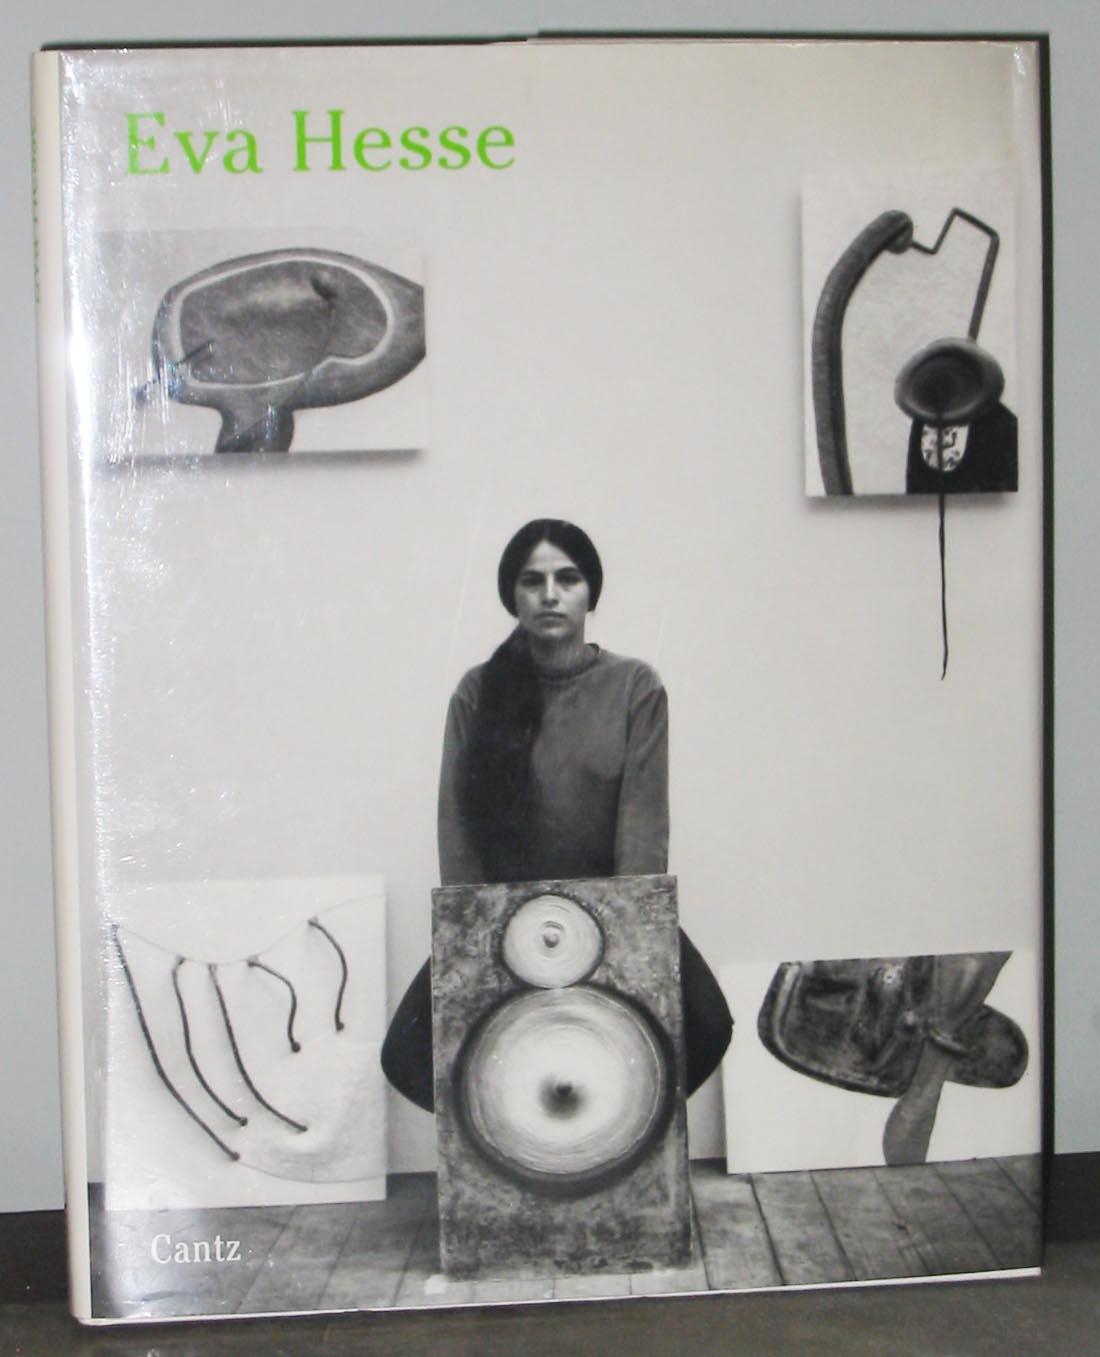 Eva Hesse: Drawing in Space - Bilder und Reliefs - Brigitte Reinhardt, Naomi Spector, Erich Franz, Hanne Loreck, Mel Bochner, and Helen A. Cooper